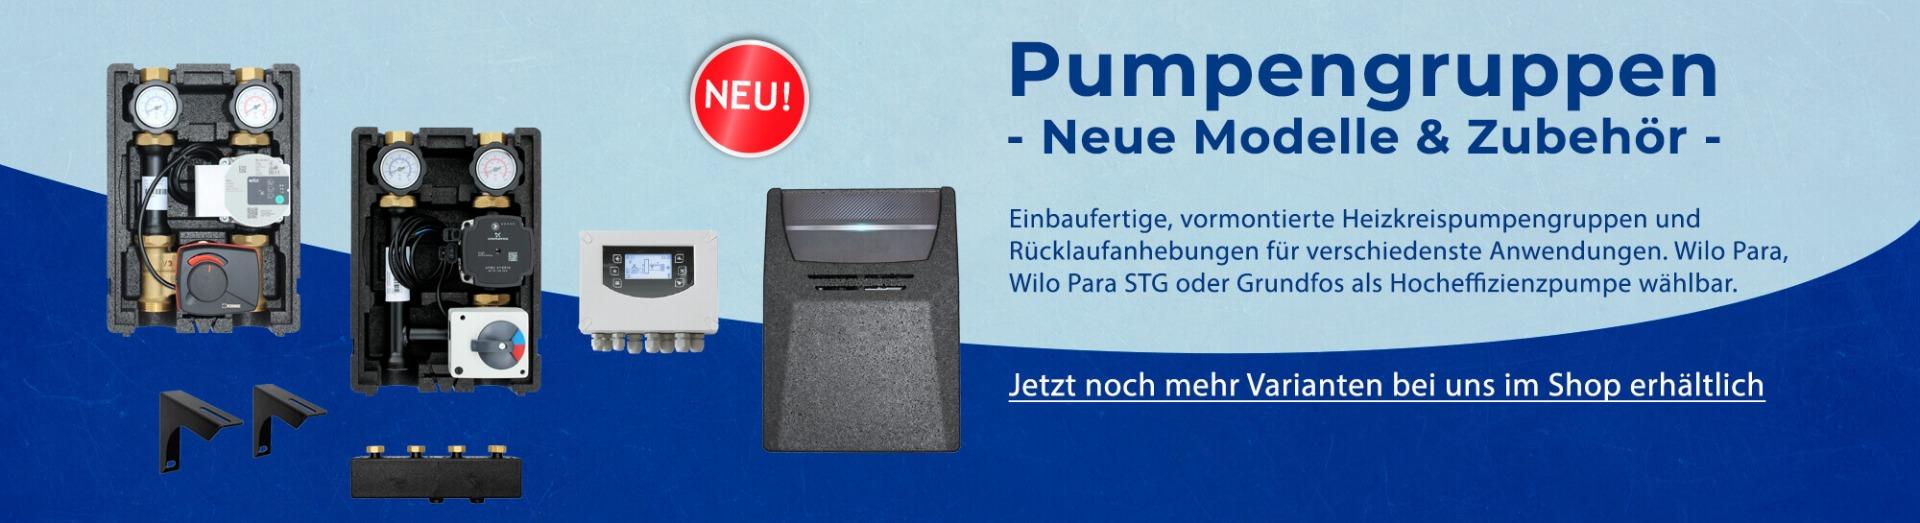 Pumpengruppen - Neue Modelle & Zubehör